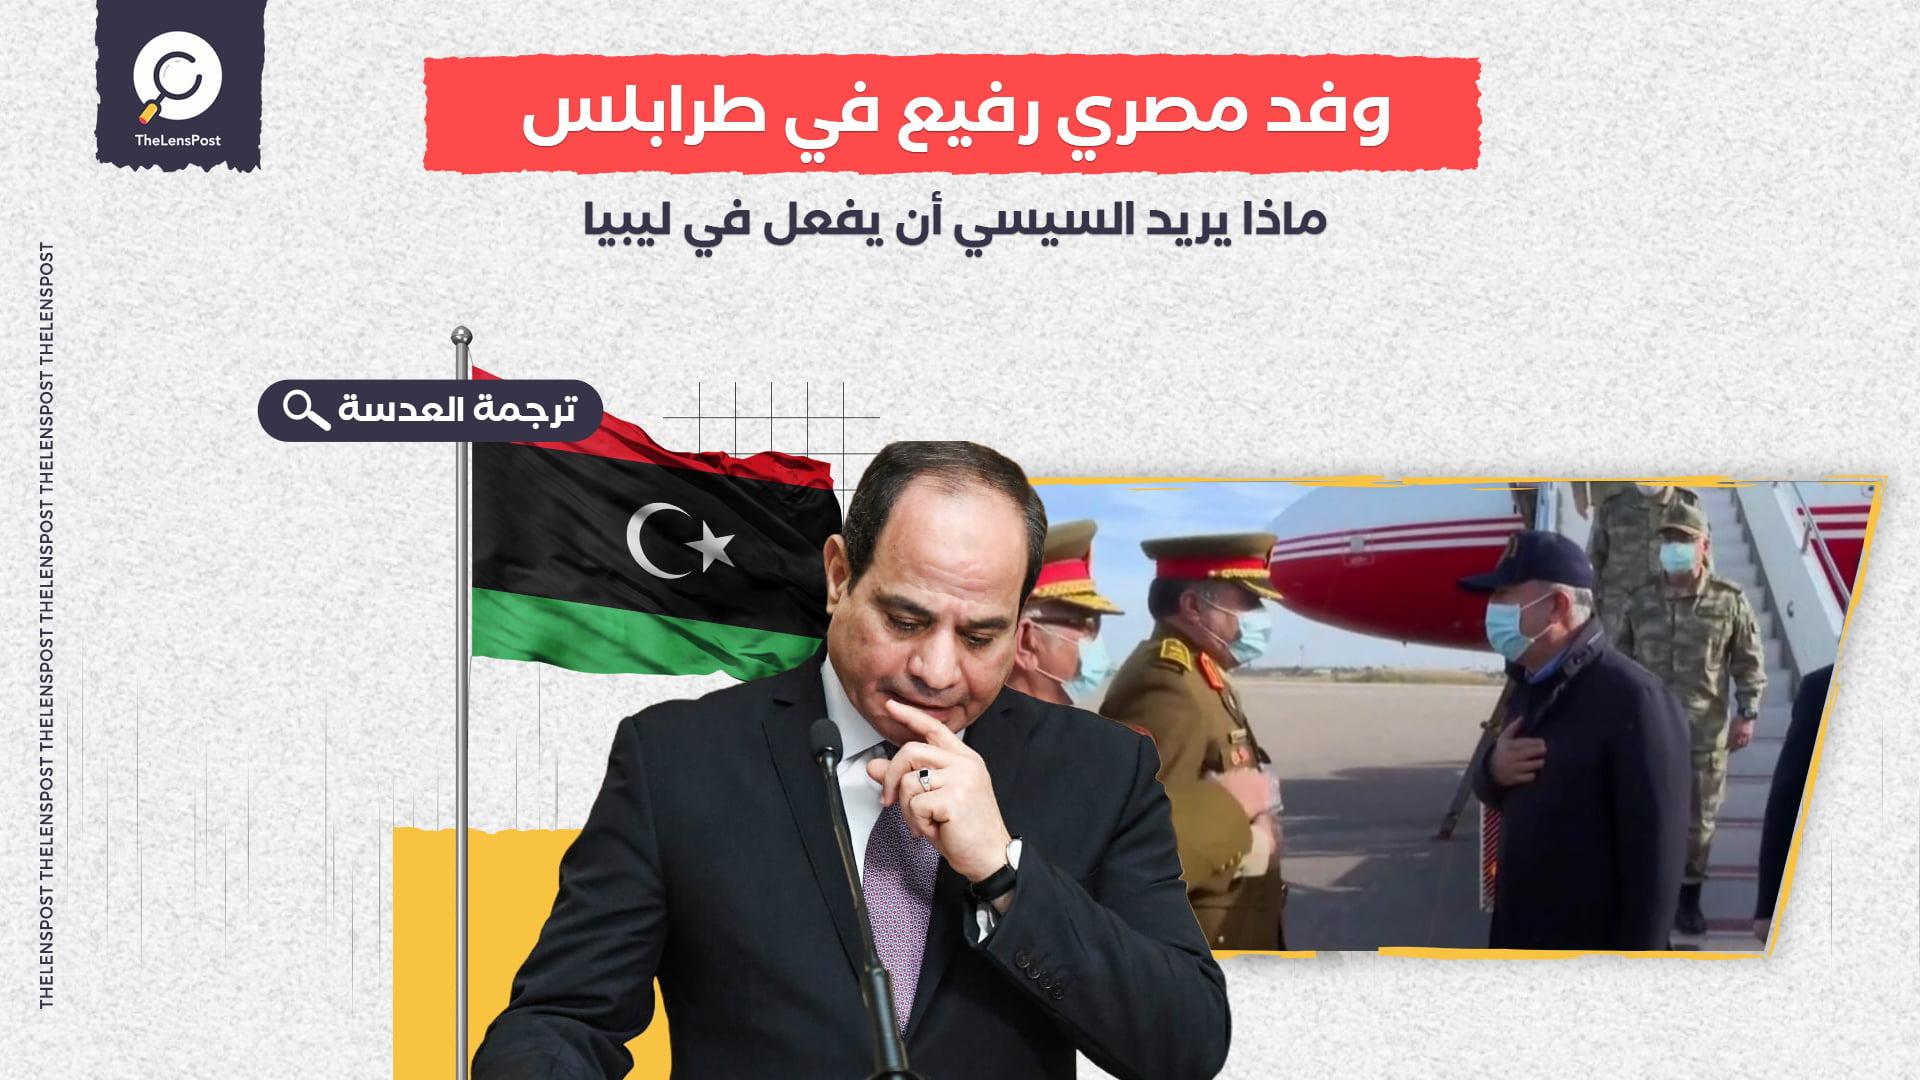 وفد مصري رفيع في طرابلس.. ماذا يريد السيسي أن يفعل في ليبيا؟